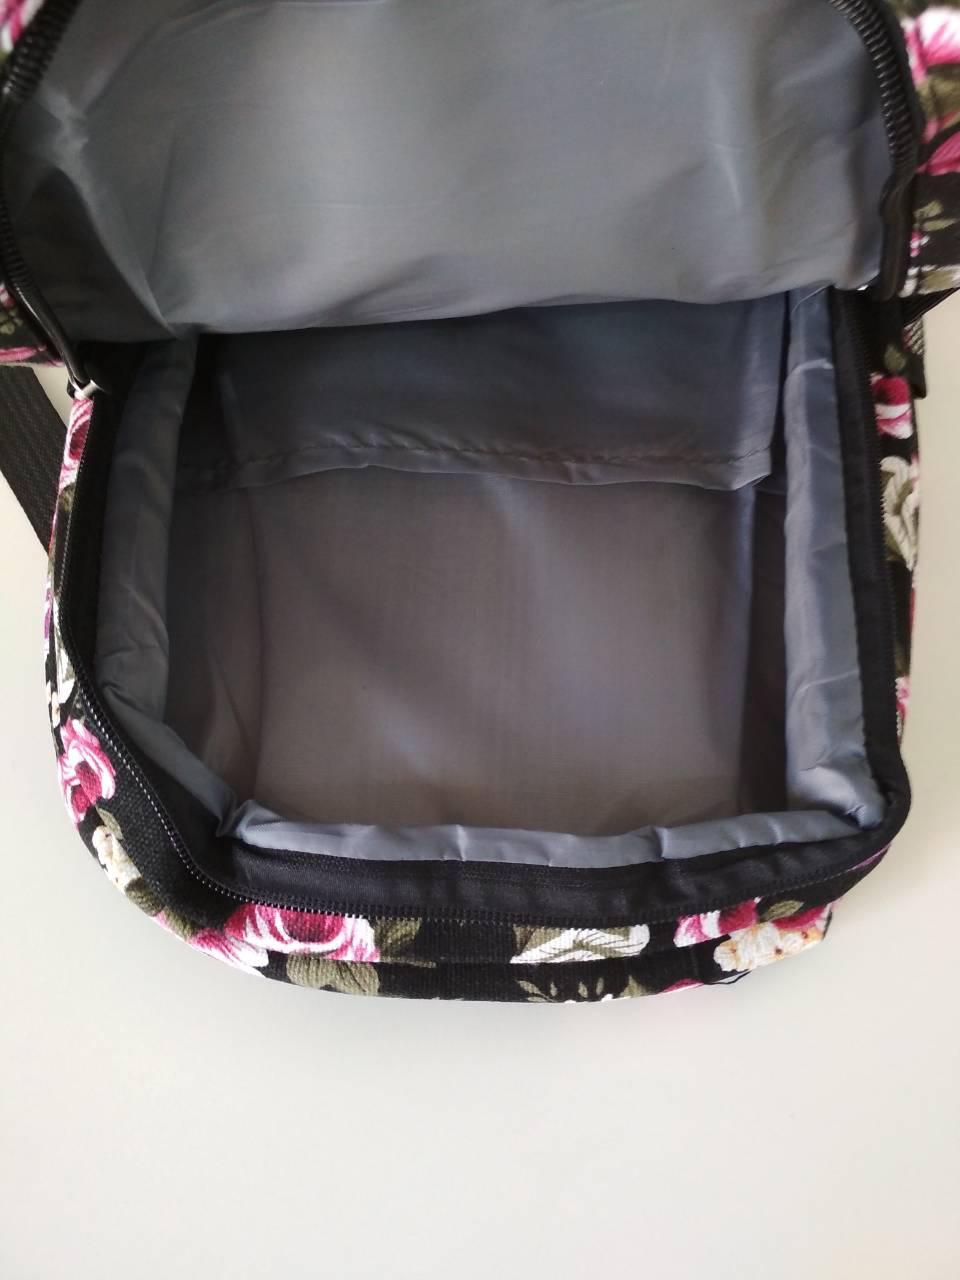 dd692ce403c0 Рюкзак женский молодежный текстильный с цветочным принтом за 195 грн ...